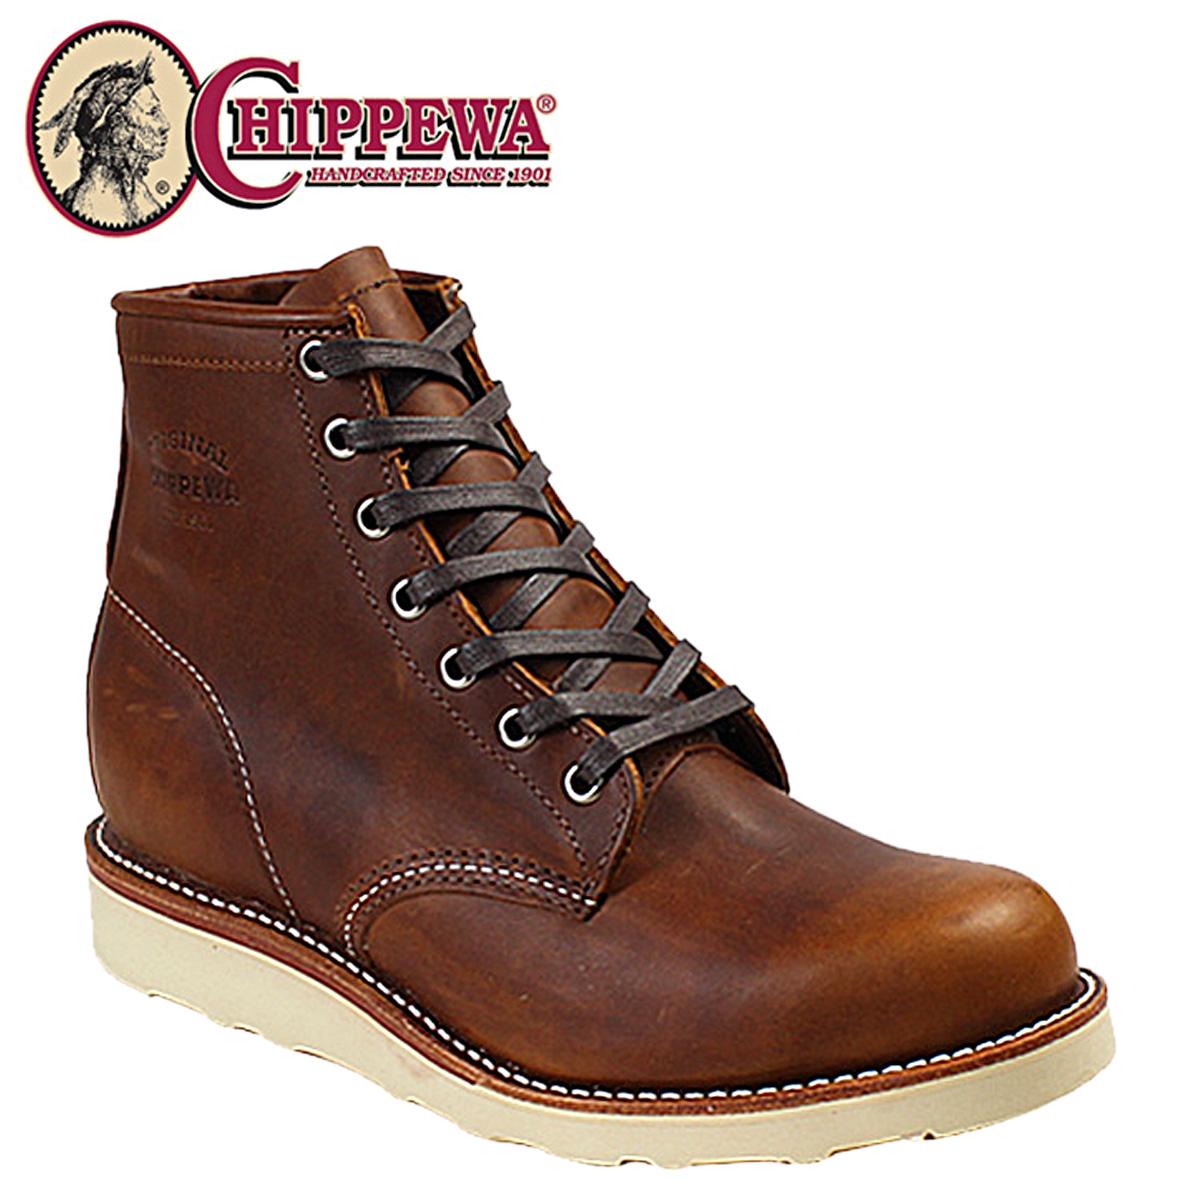 CHIPPEWA チペワ 6INCH PLAIN TOE WEDGE BOOT ブーツ 6インチ プレーン トゥ ウェッジ ブーツ 1901M17 Dワイズ タン メンズ [3/30 再入荷]